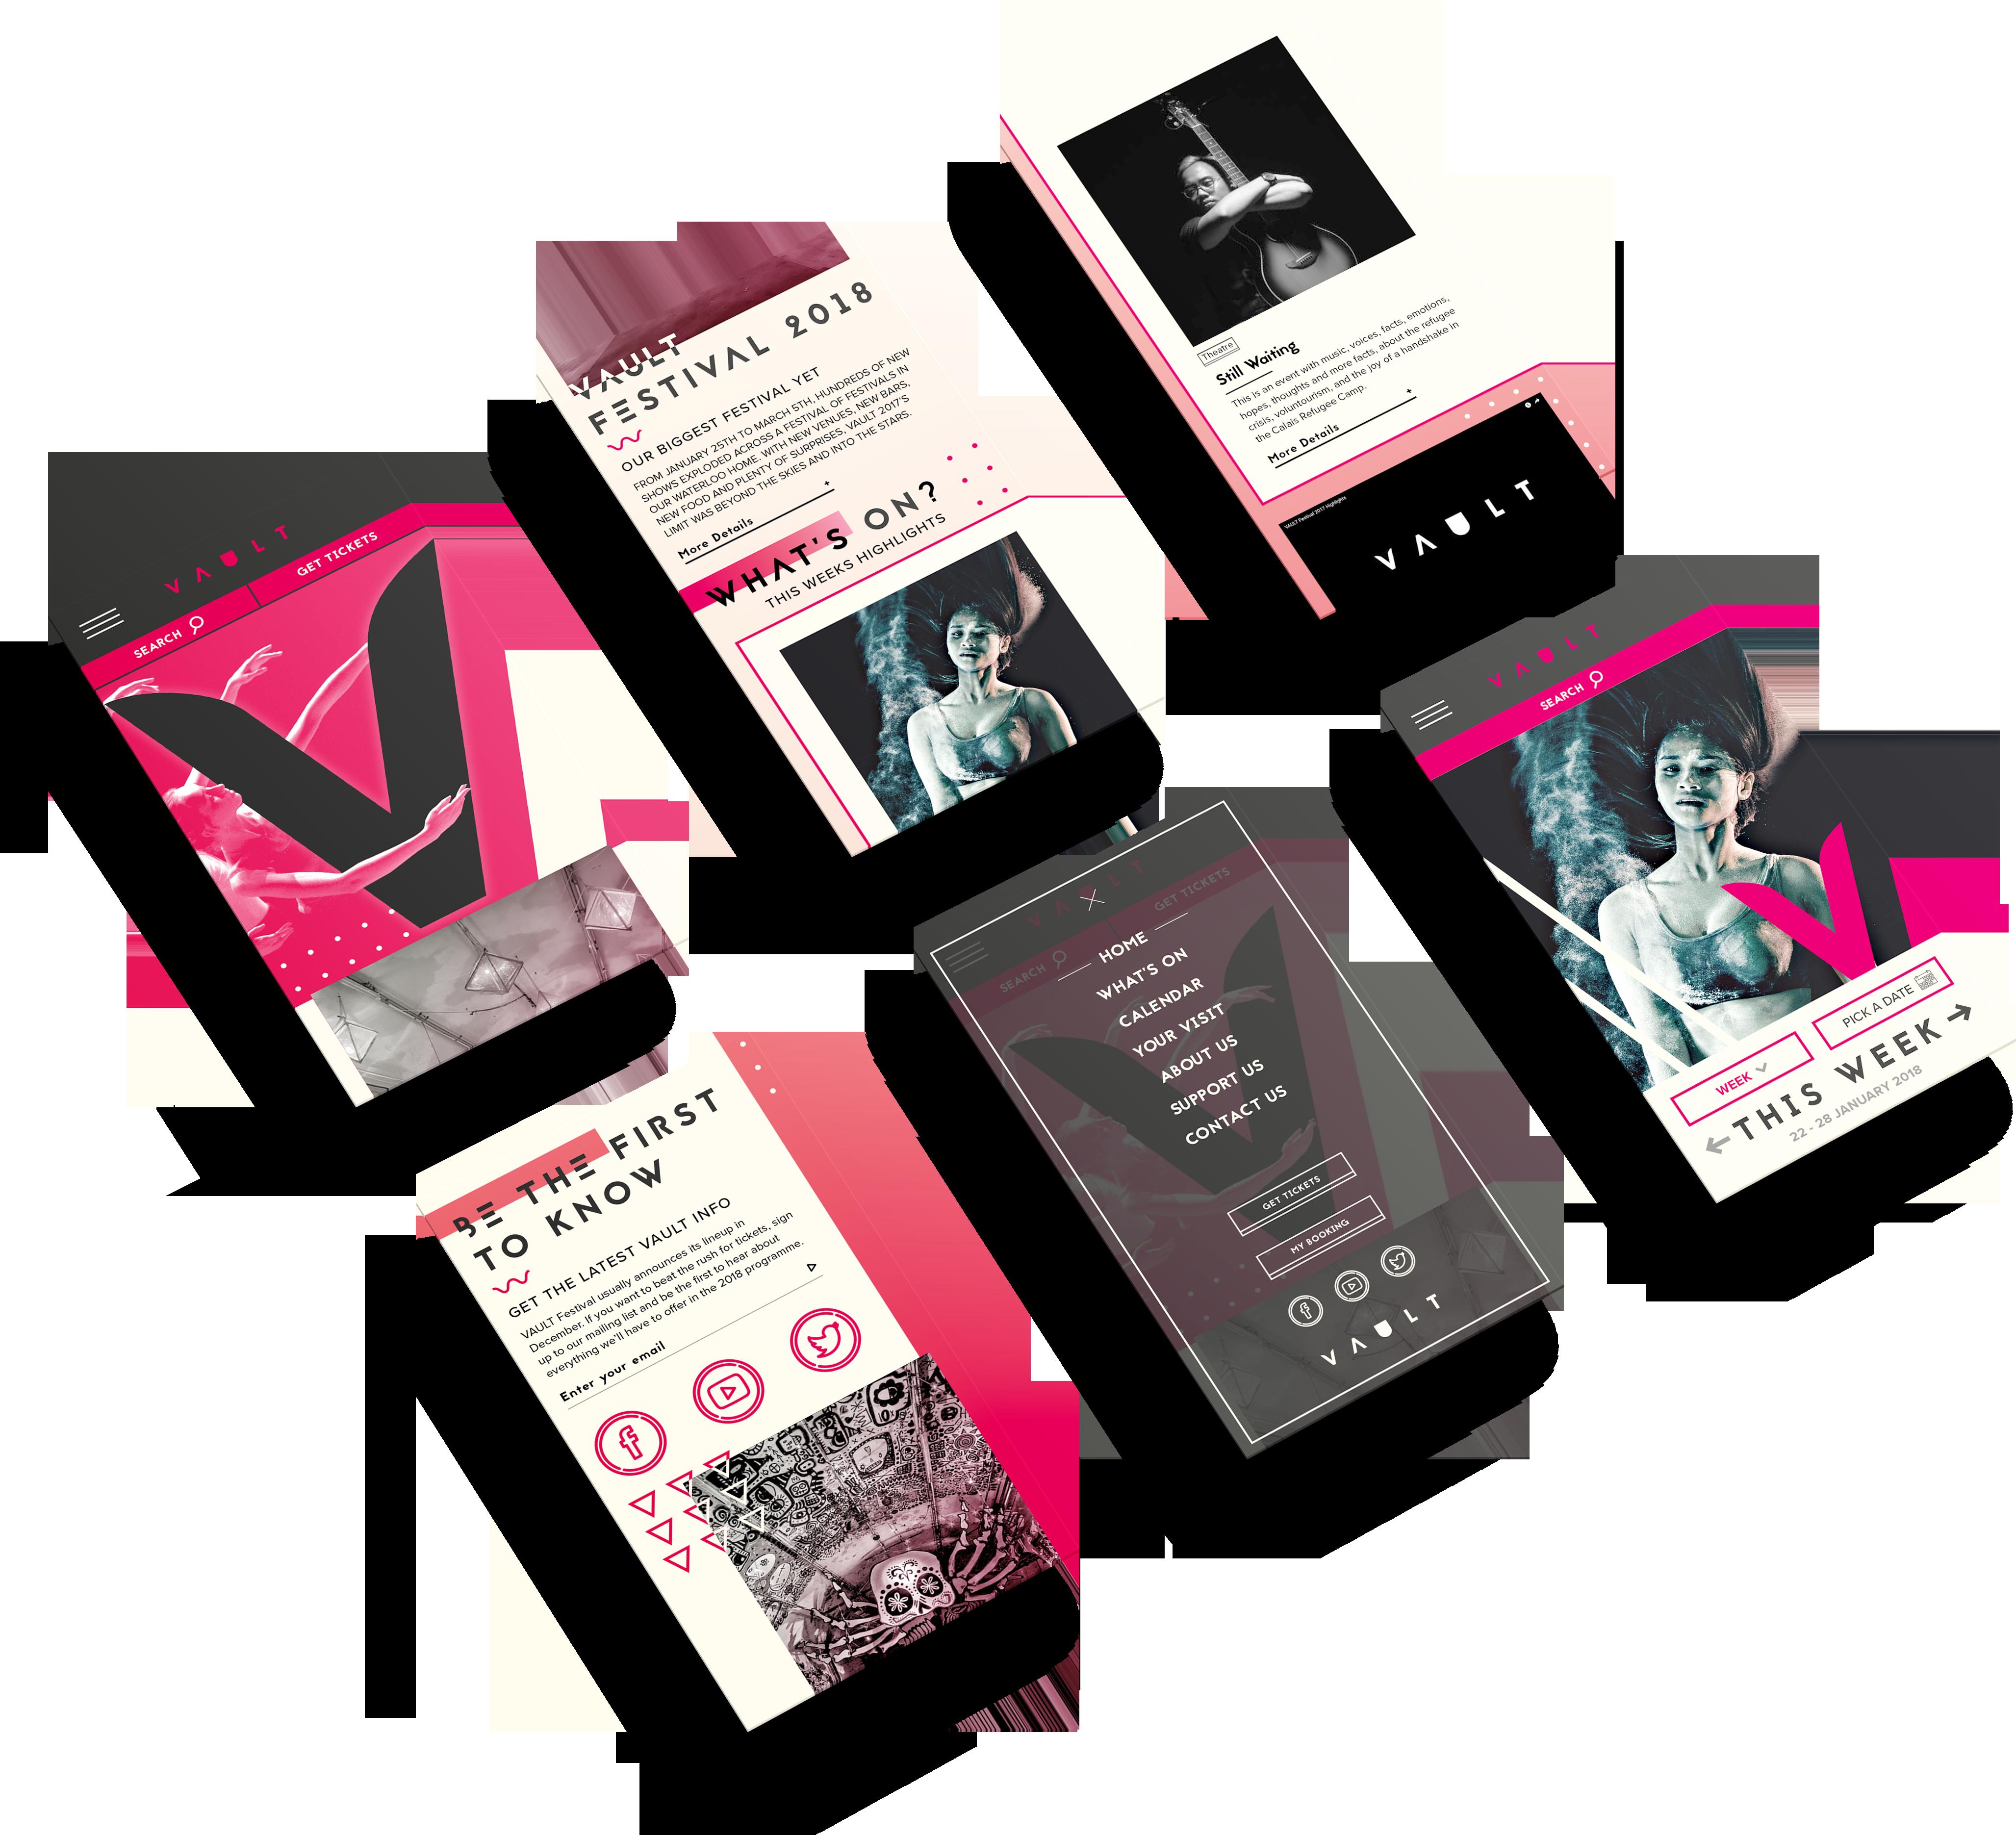 floating mobile app designs